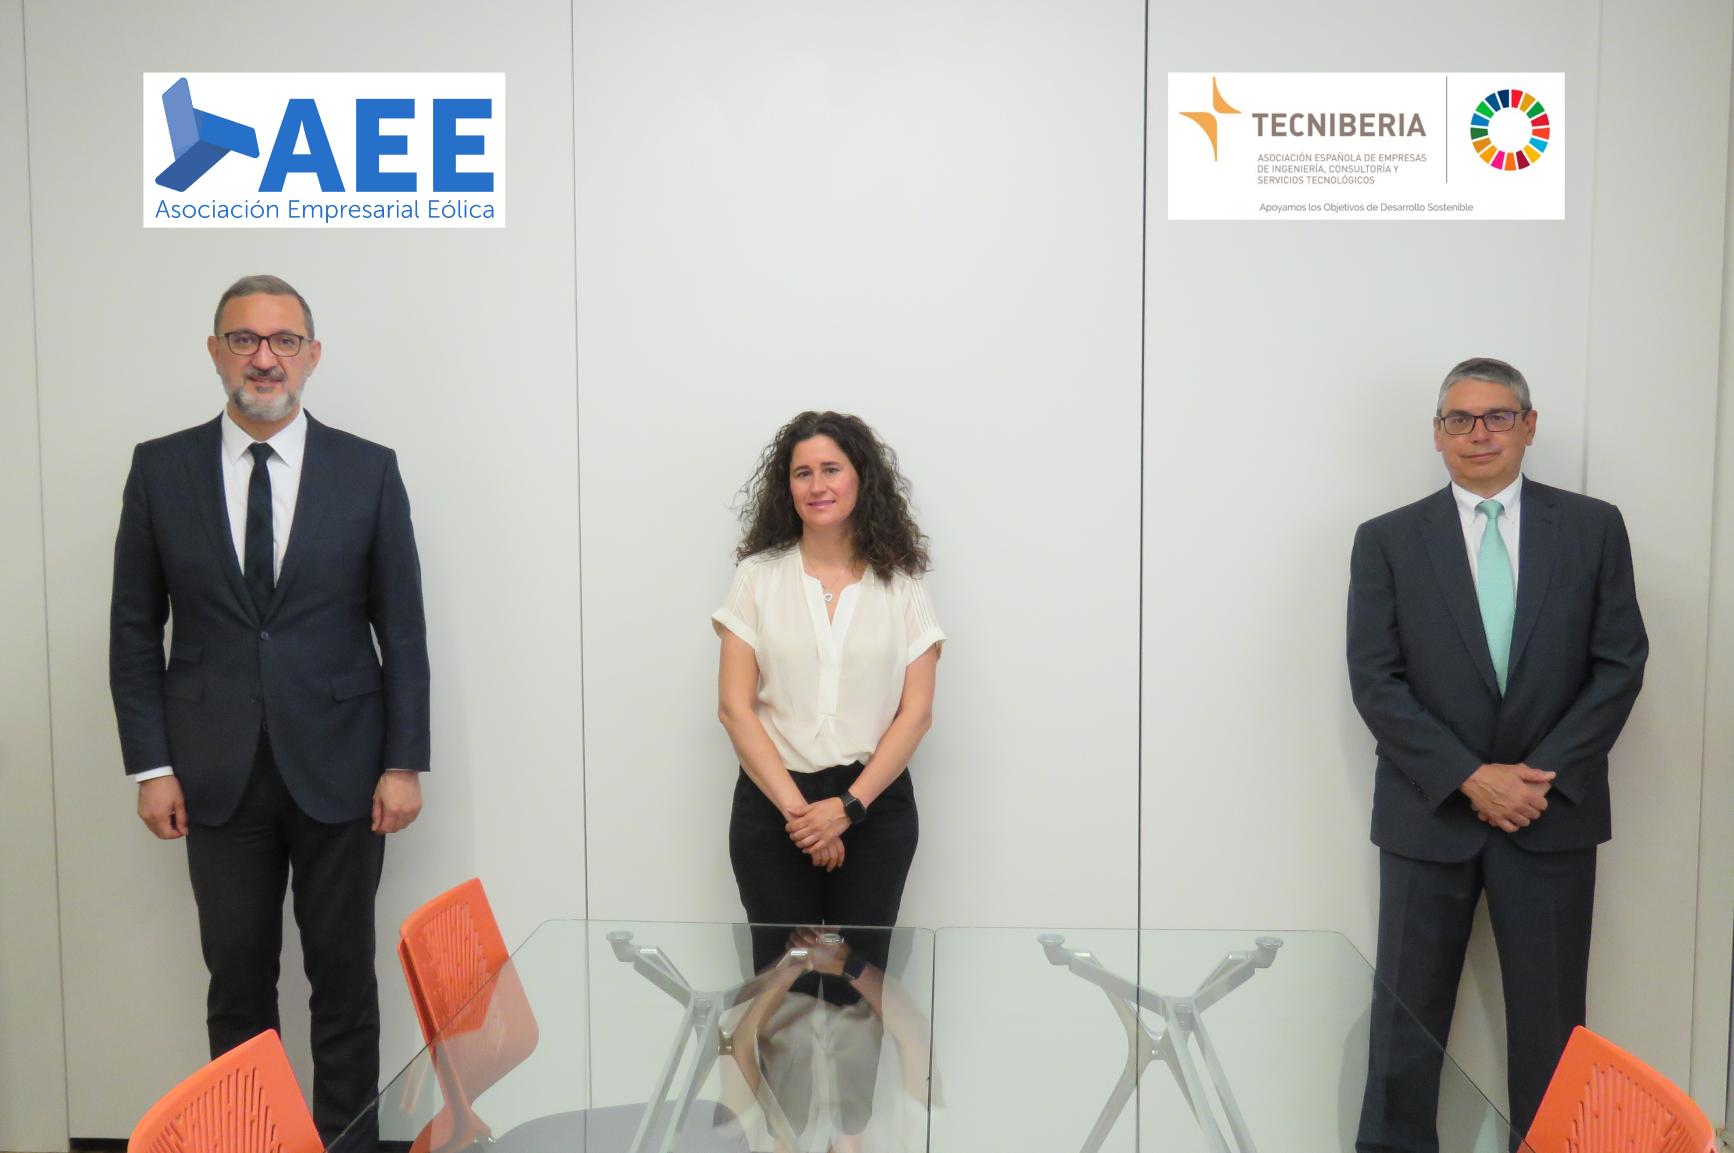 TECNIBERIA y AEE firman un convenio de colaboración para impulsar acciones que ayuden a la proyección de las empresas españolas en el ámbito de la energía eólica